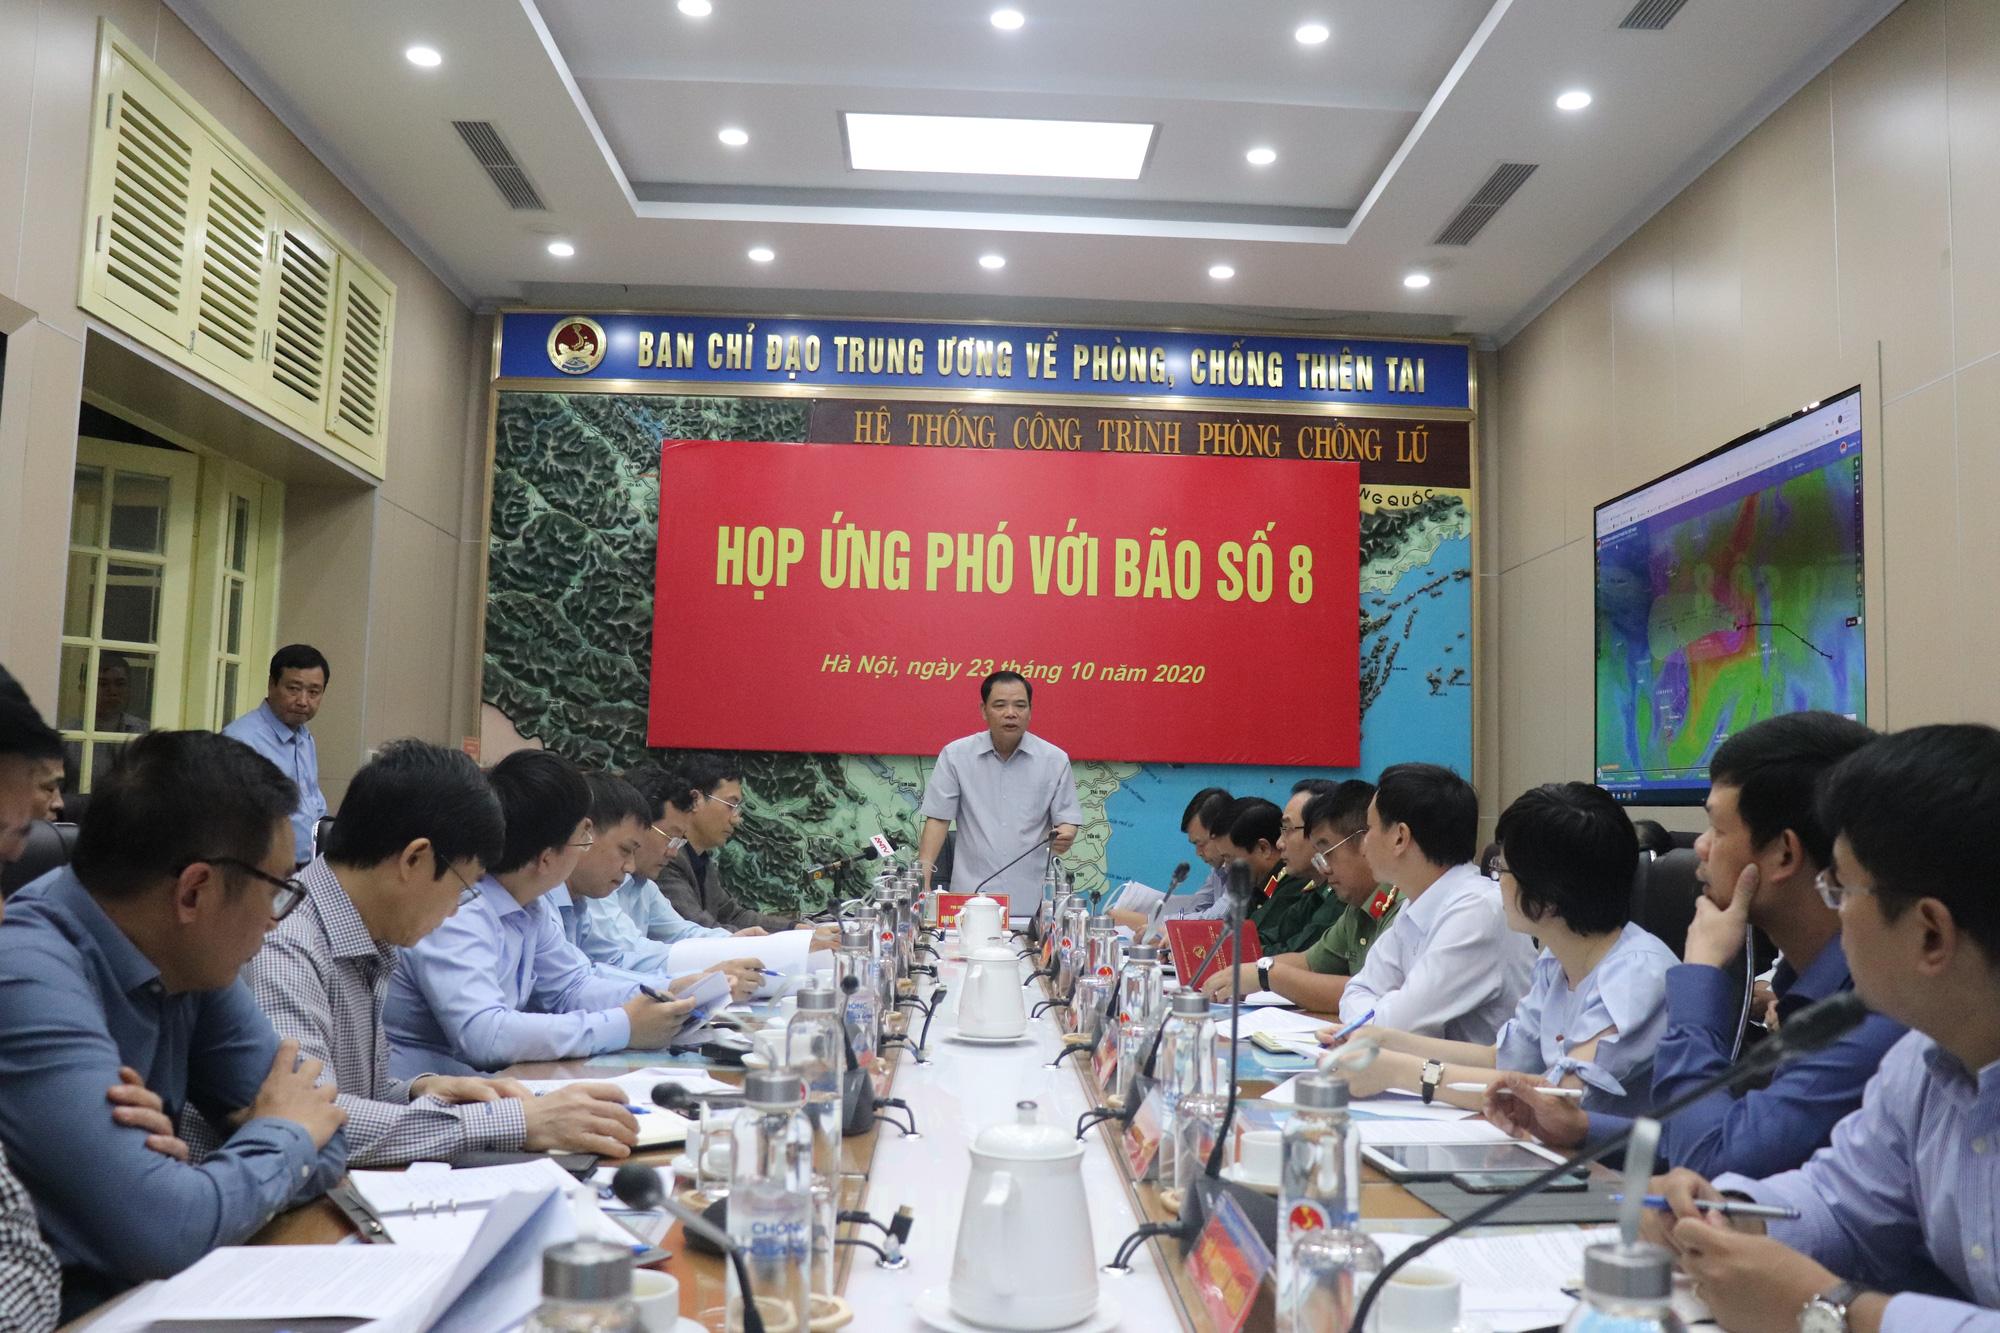 Chưa từng có: Một tháng đón 5 cơn bão, áp thấp, Hà Tĩnh, Thừa Thiên - Huế nguy cơ mưa lớn do bão số 8 - Ảnh 1.